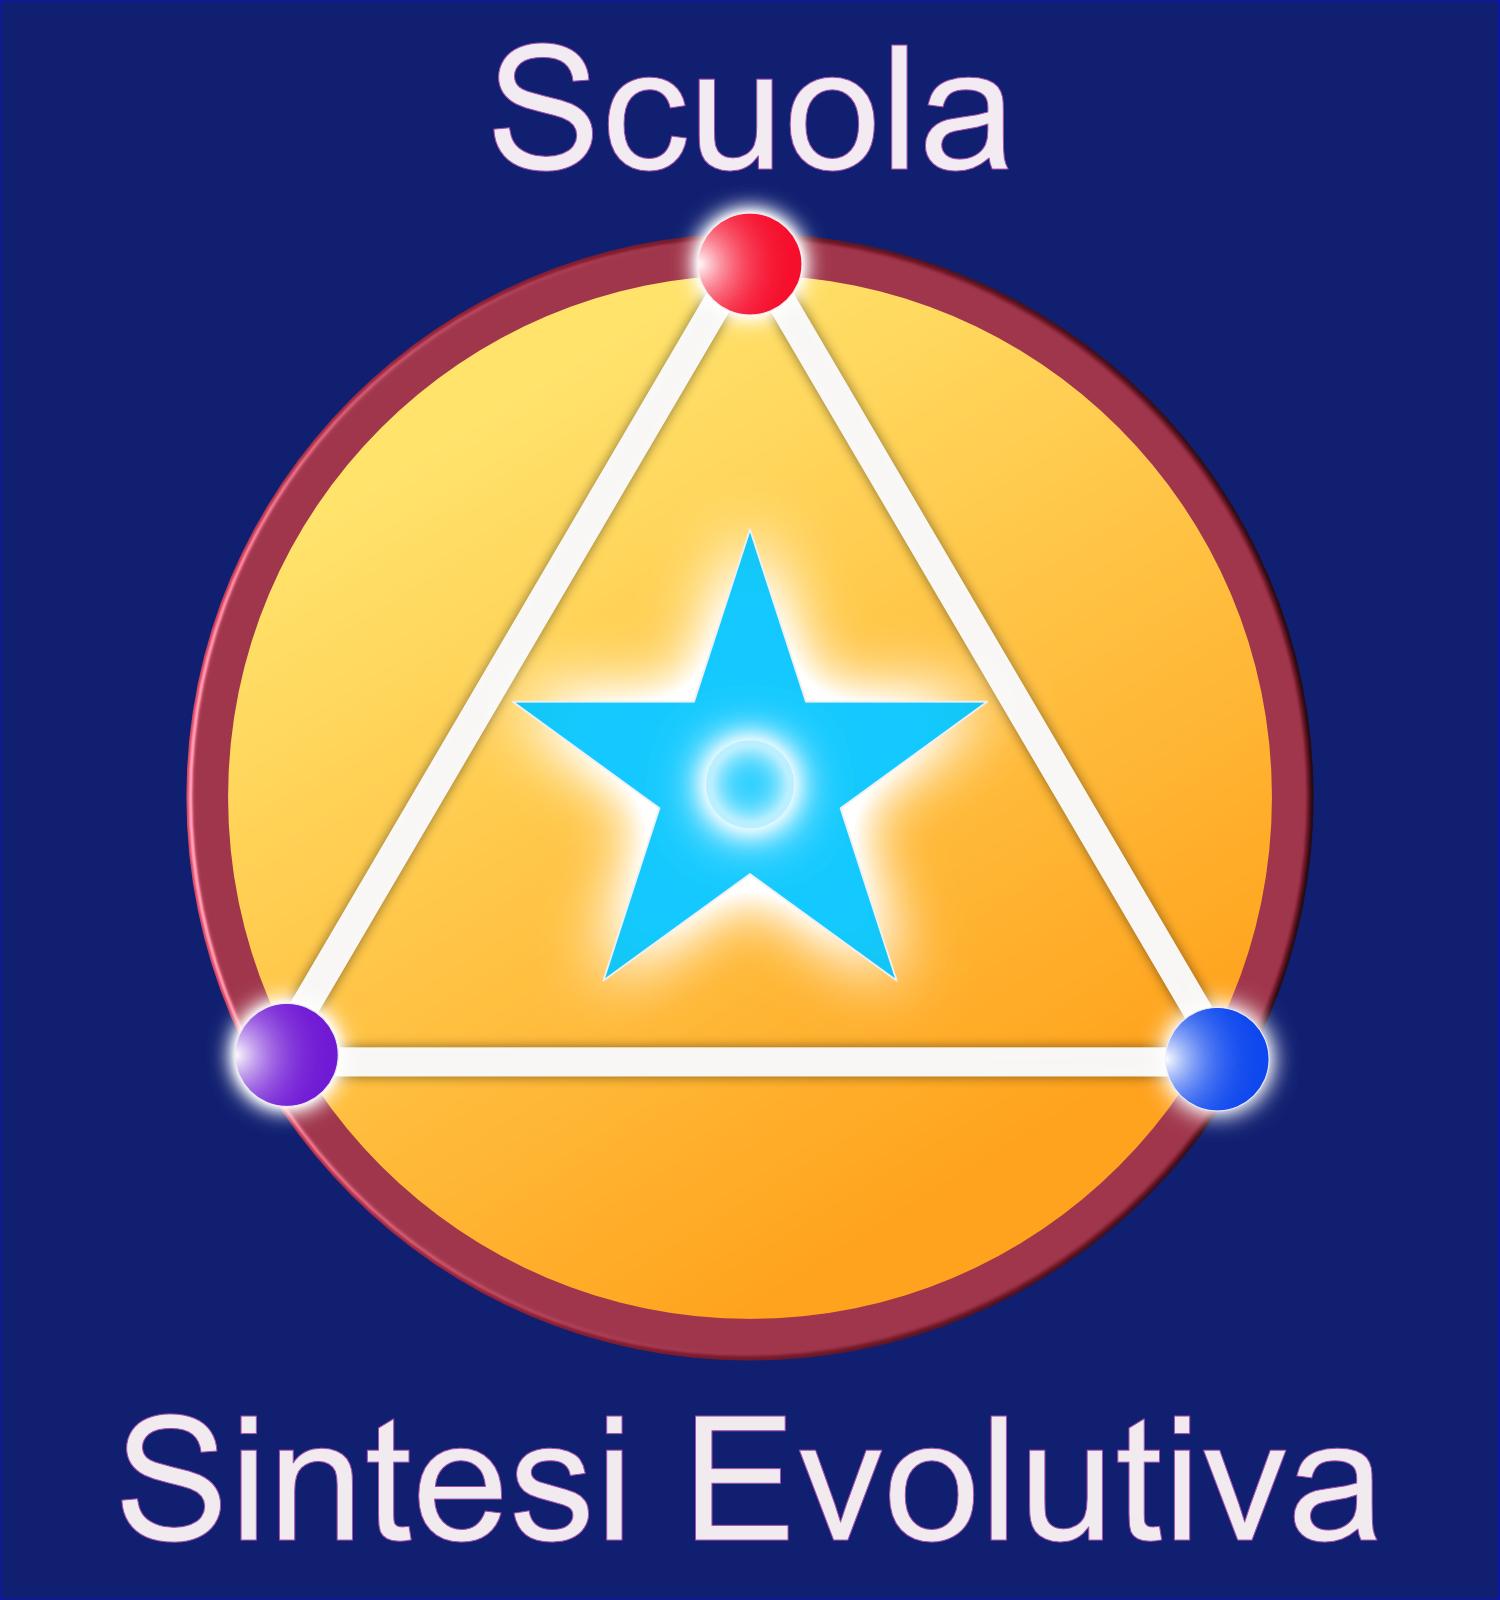 Scuola Sintesi Evolutiva